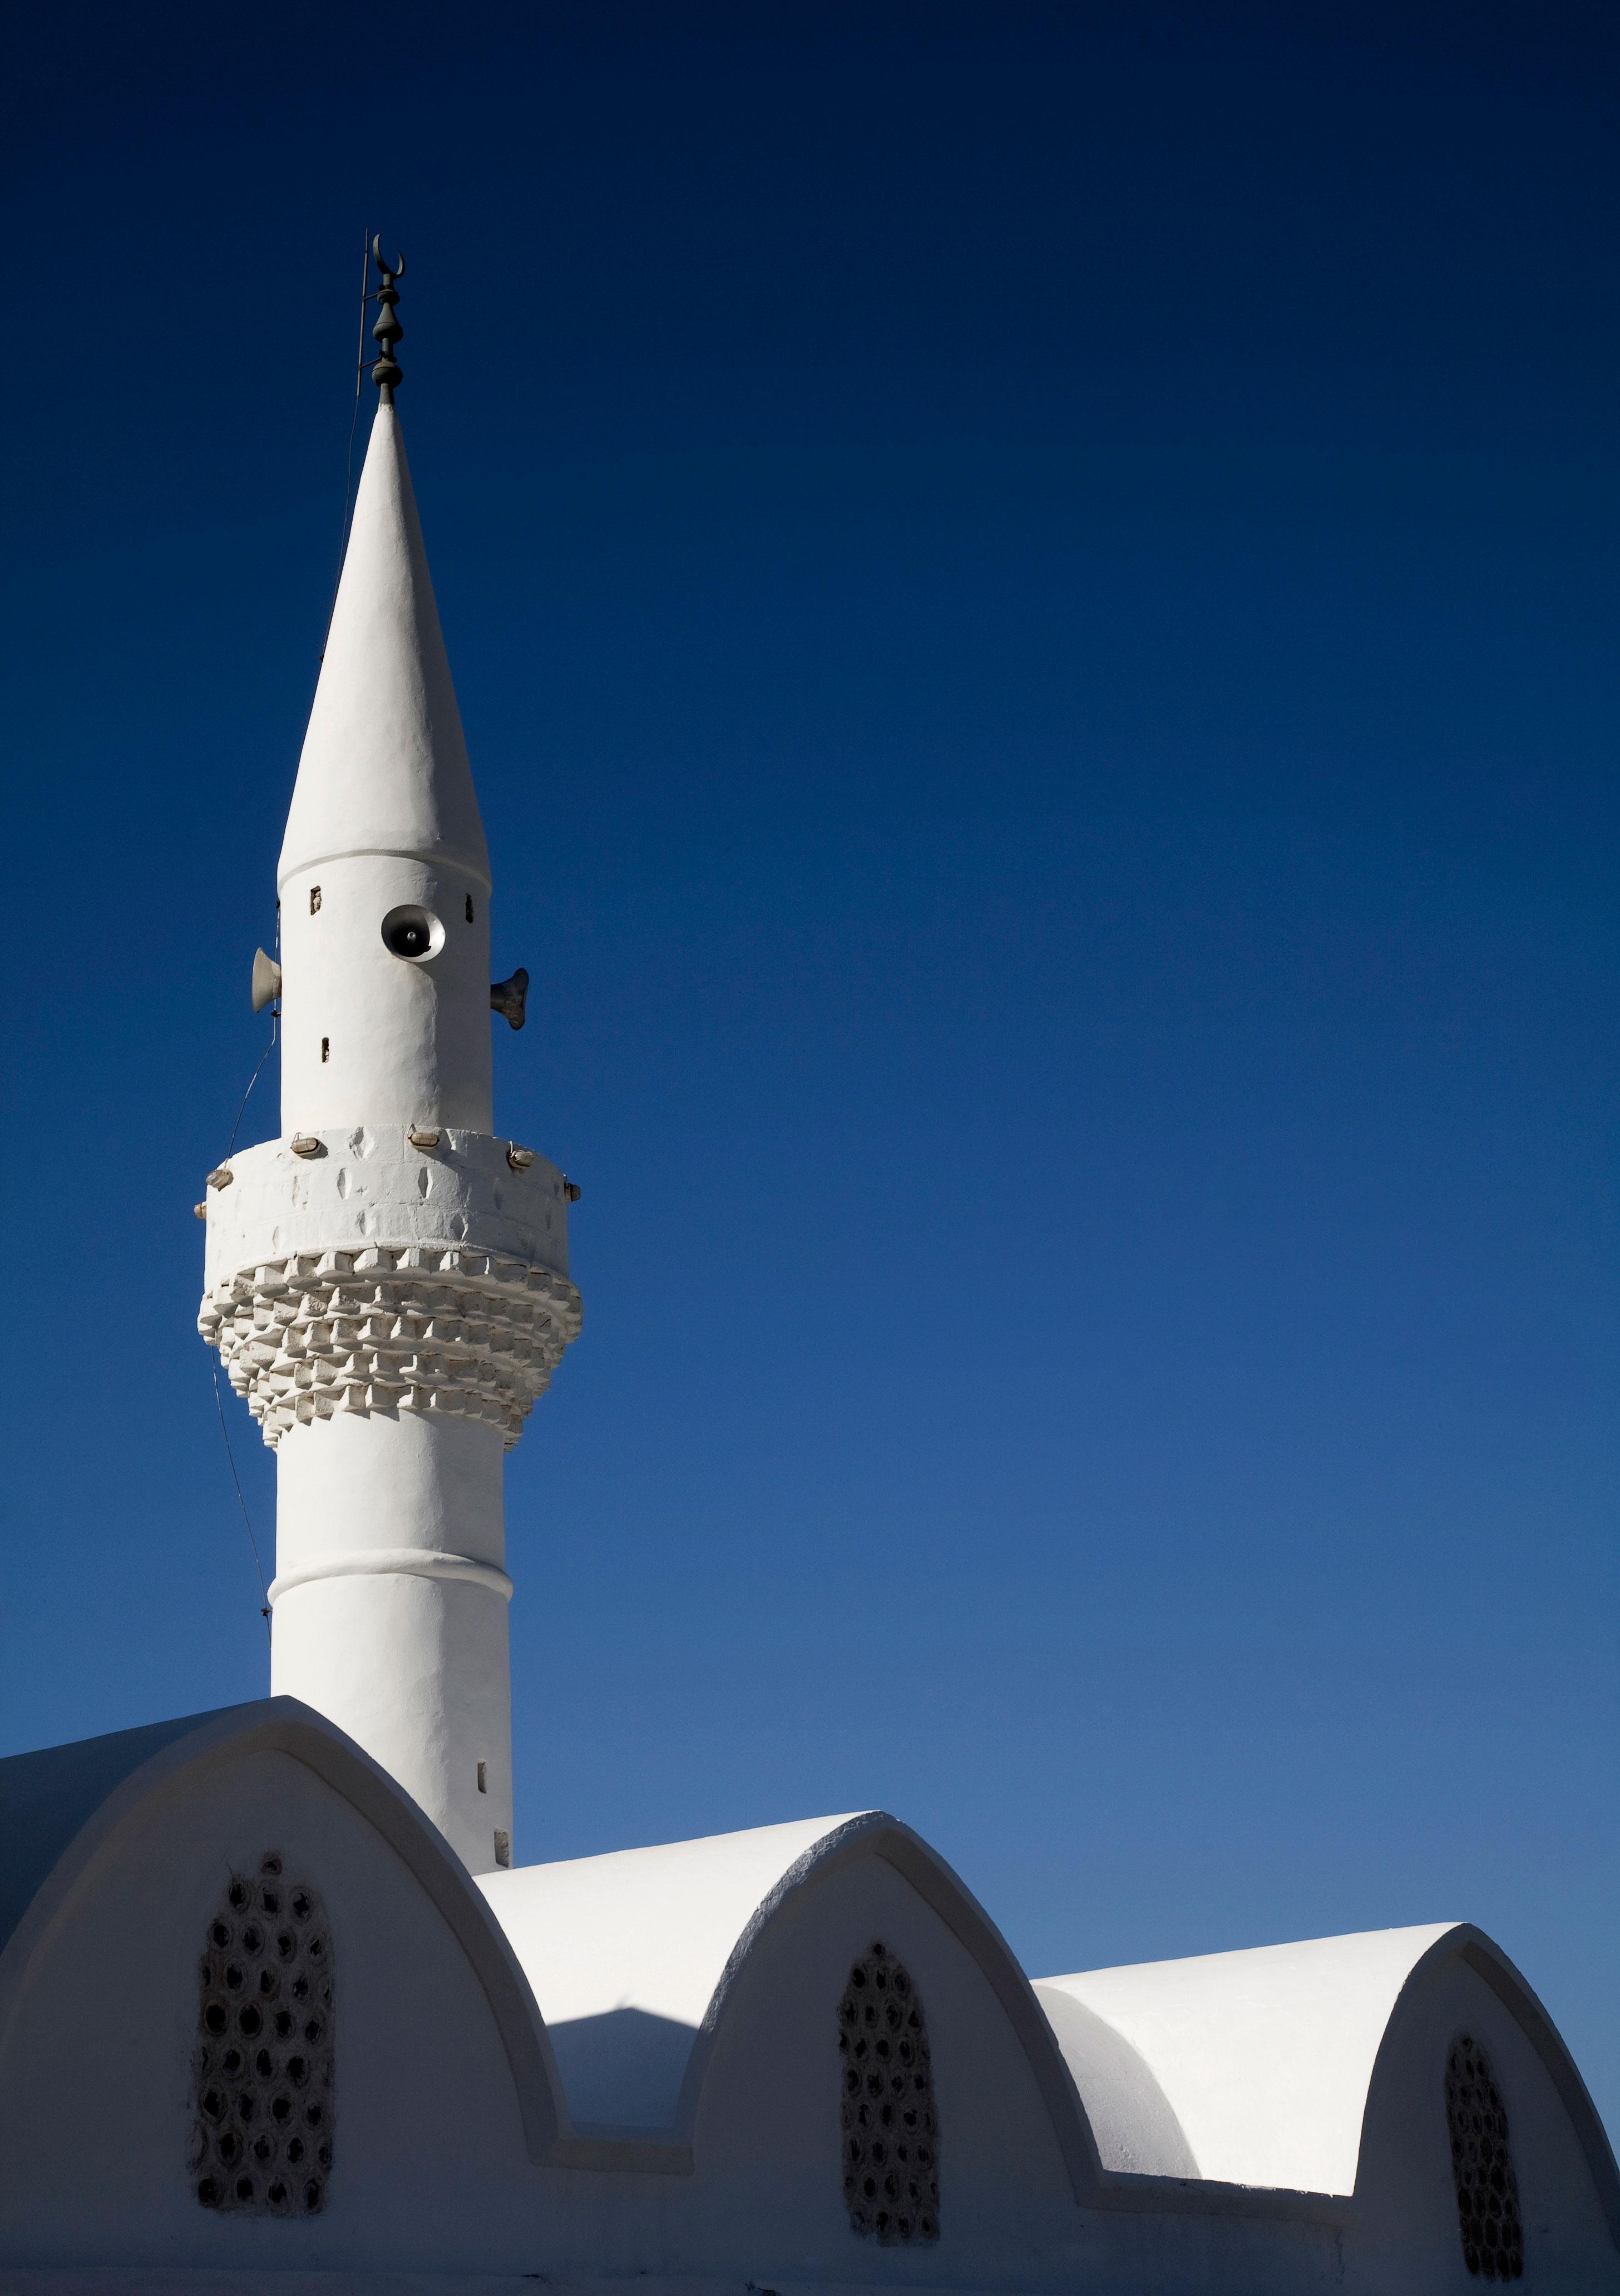 Turkish Mosque, Kalkan